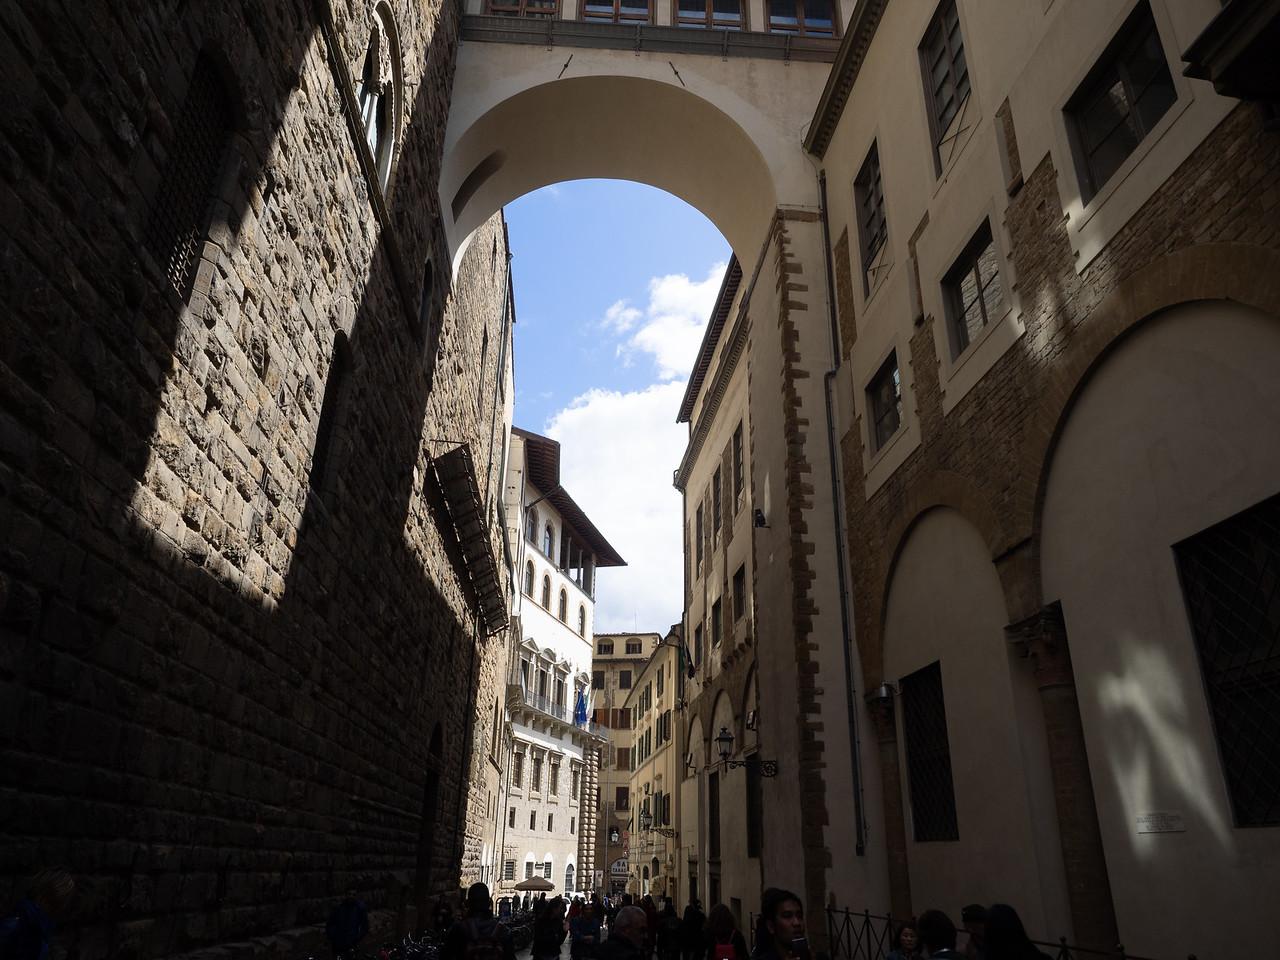 Near the Uffizi gallery.